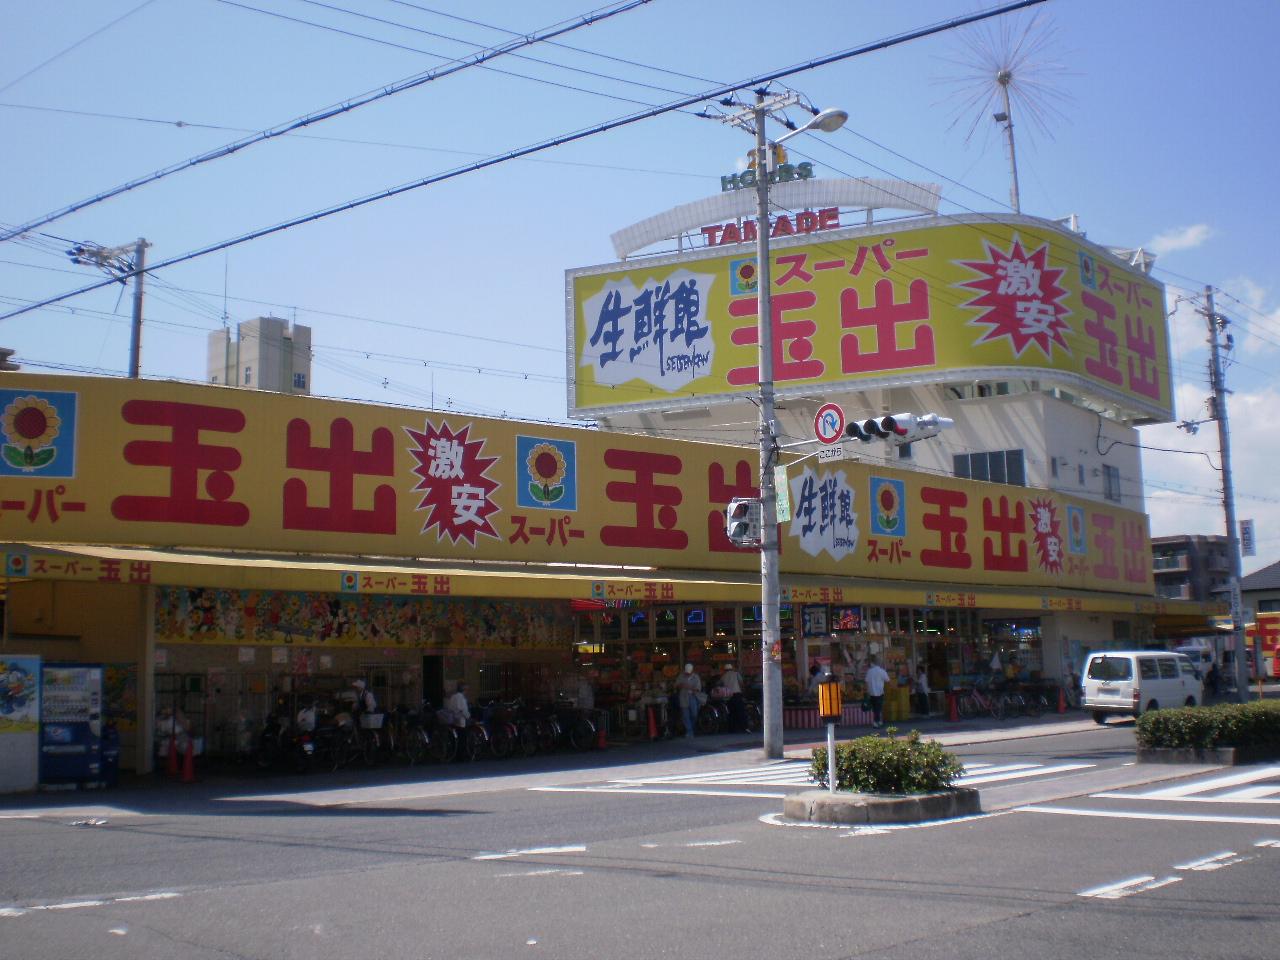 スーパー スーパー玉出喜連店(スーパー)まで256m